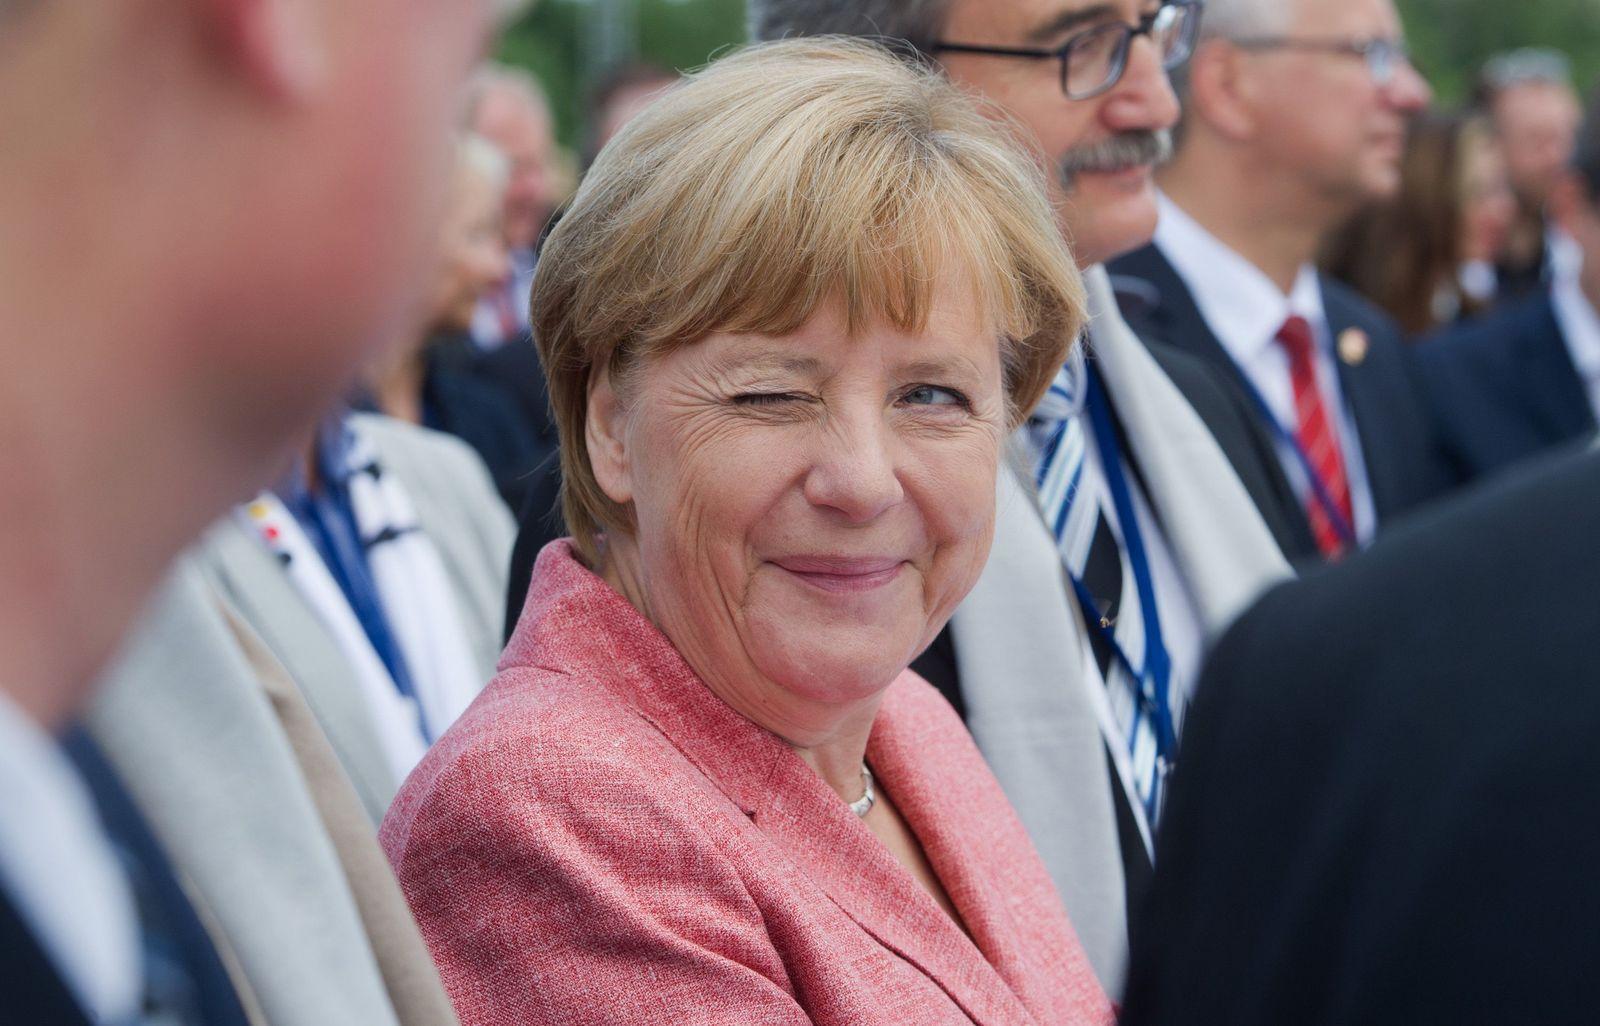 Merkel bei Richtfest in Sassnitz